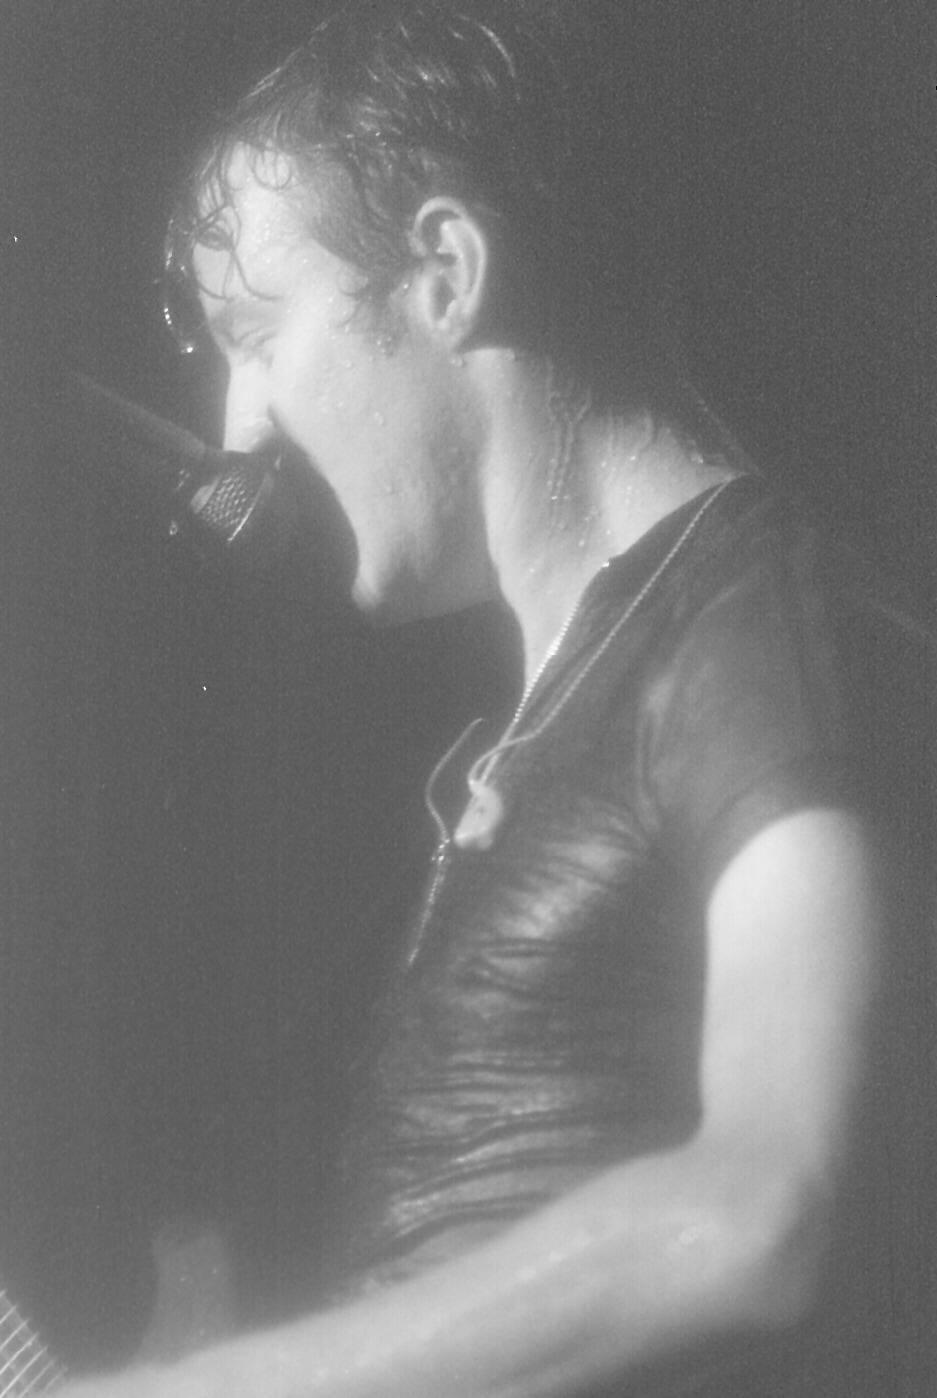 27.jan.1995 - Chris Barron, da banda Spin Doctors, em apresentação sob forte chuva; banda tocou antes dos Rolling Stones no Hollywood Rock de 1995